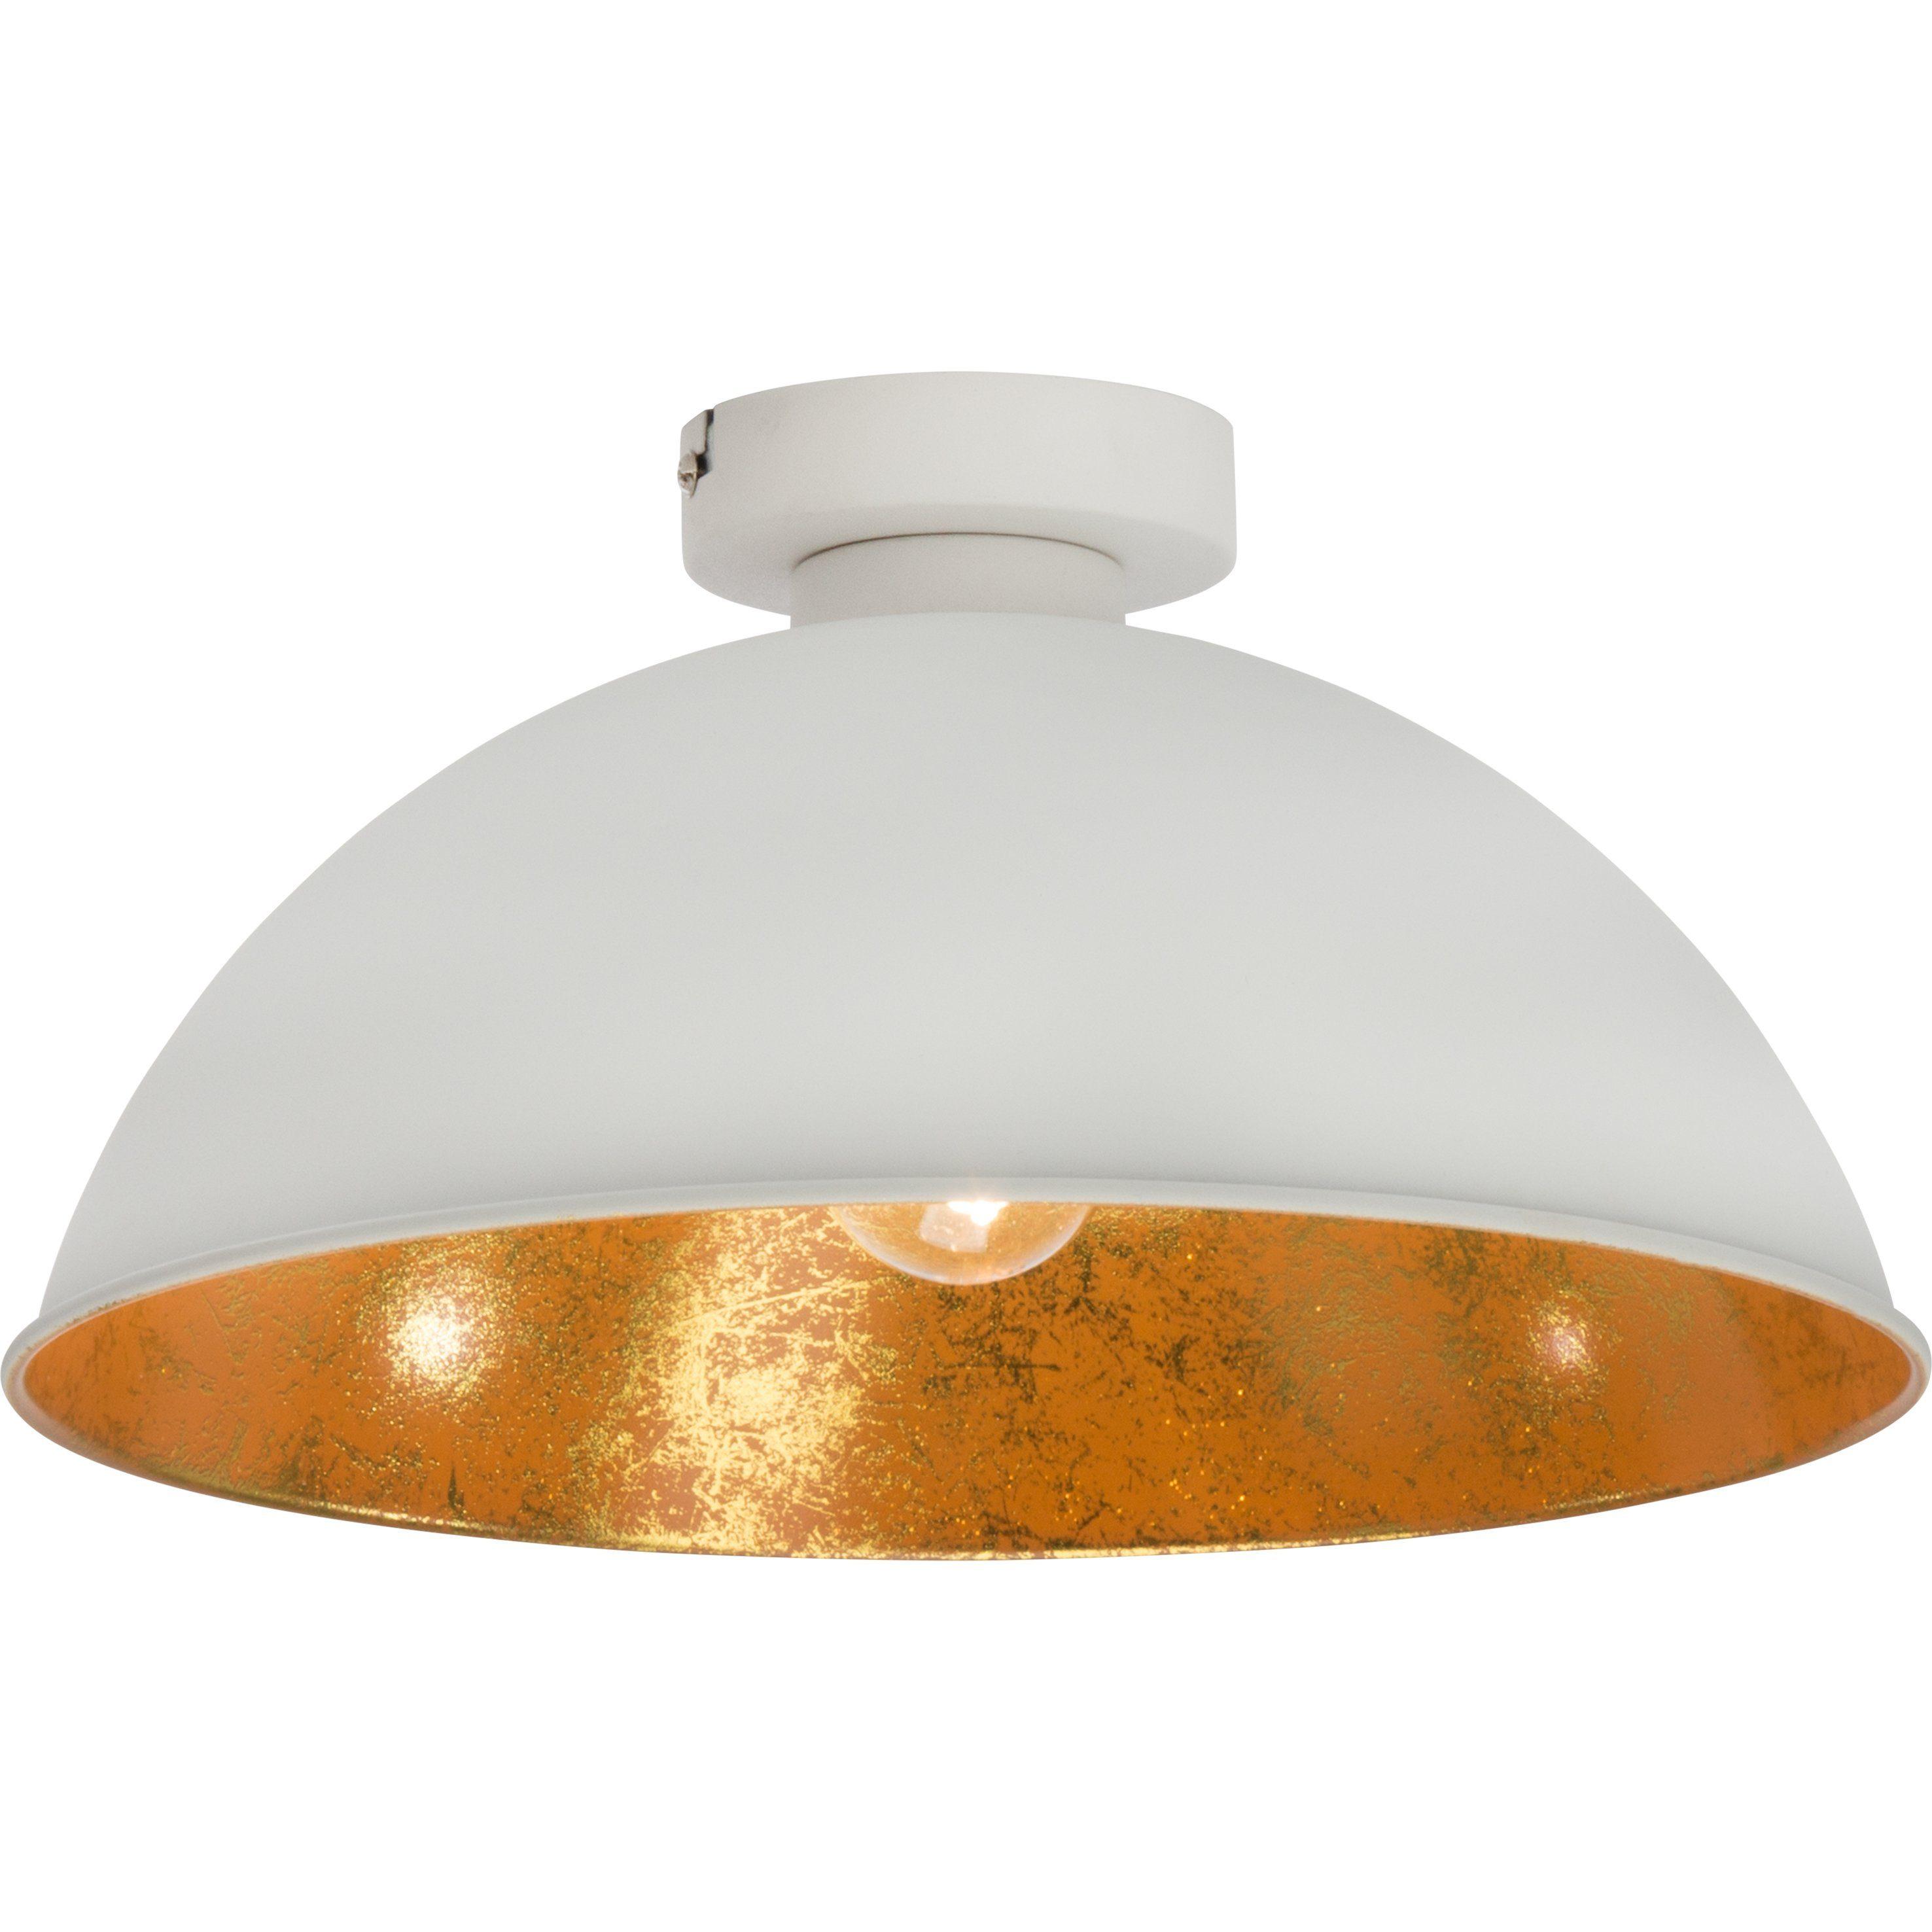 Brilliant Leuchten Aztekas Deckenleuchte, 1-flammig weiß/gold